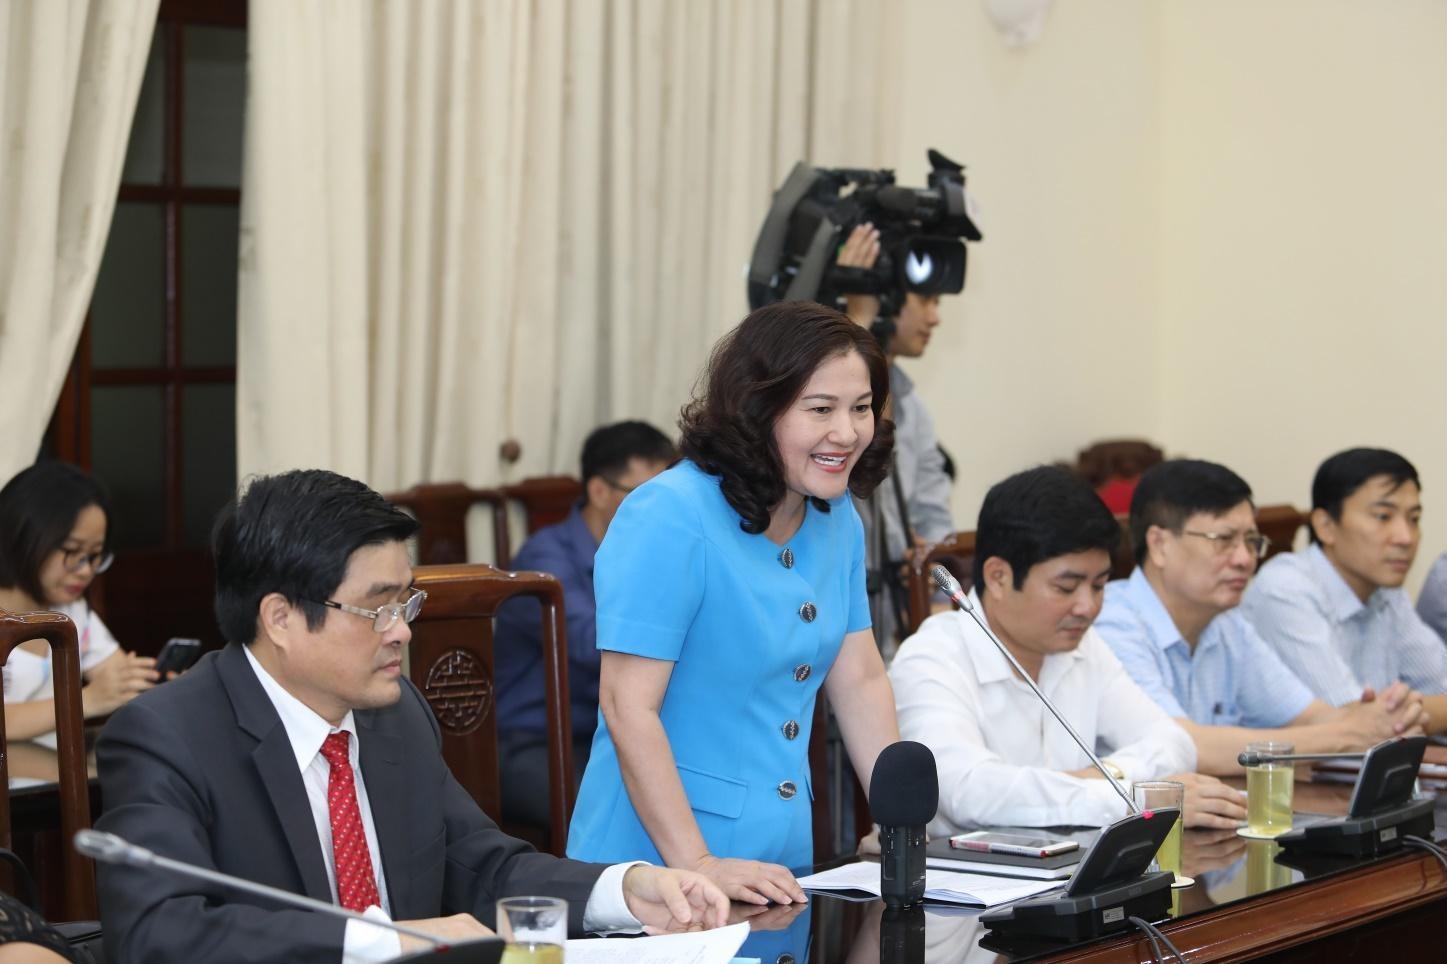 Thứ trưởng Bộ Lao động-Thương binh và Xã hội Nguyễn Thị Hà cho rằng đây là cơ hội để hai bên có thể chia sẻ kinh nghiệm, các điển hình tốt ở các quốc gia nhằm xây dựng các Quy chuẩn kỹ thuật an toàn để nâng cao hiệu quả cho việc bảo vệ sức khỏe người lao động và đảm bảo an toàn lao động